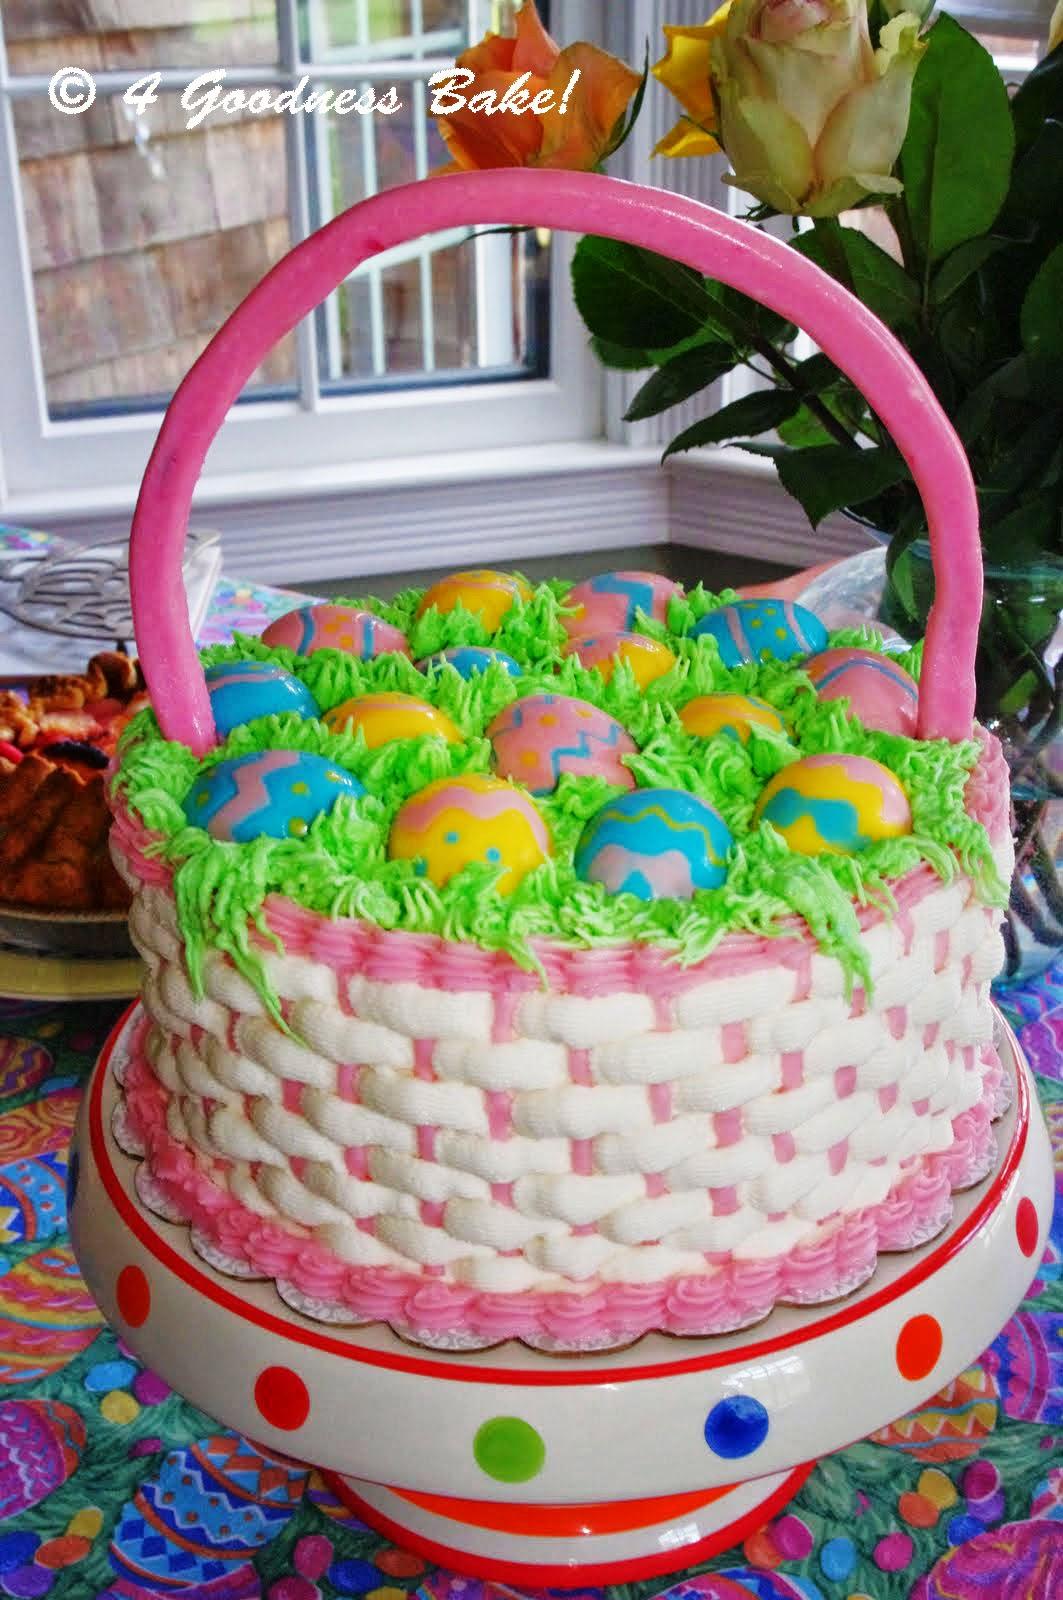 4 goodness bake!: Easter Egg Basket Cake